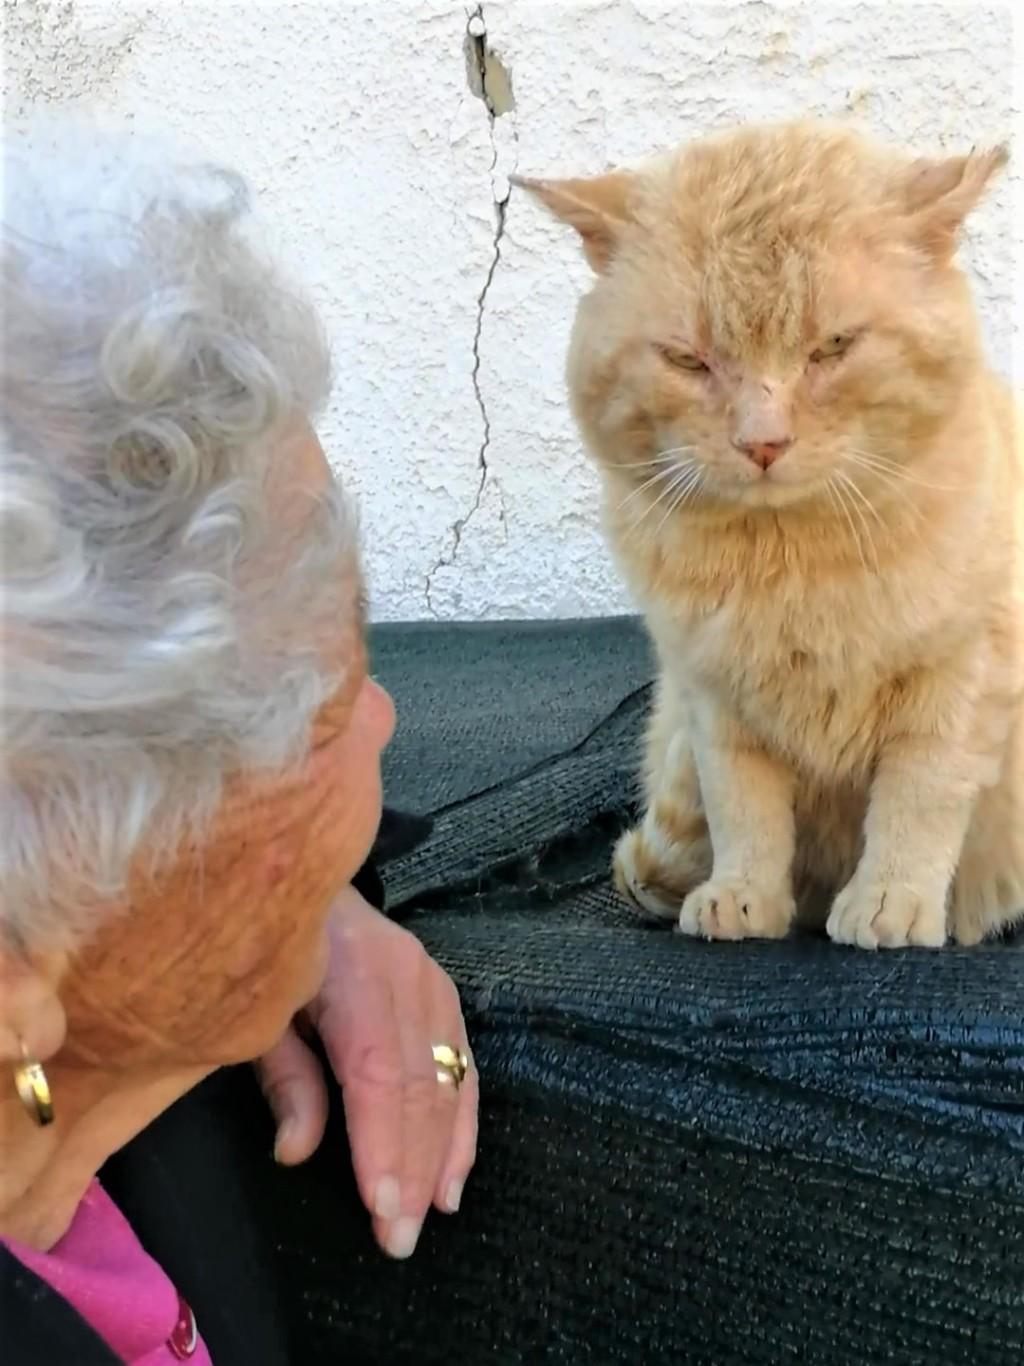 奶奶與橘貓「因地震失散」 3年後奇蹟重逢牠興奮到「猛撞頭」示愛!